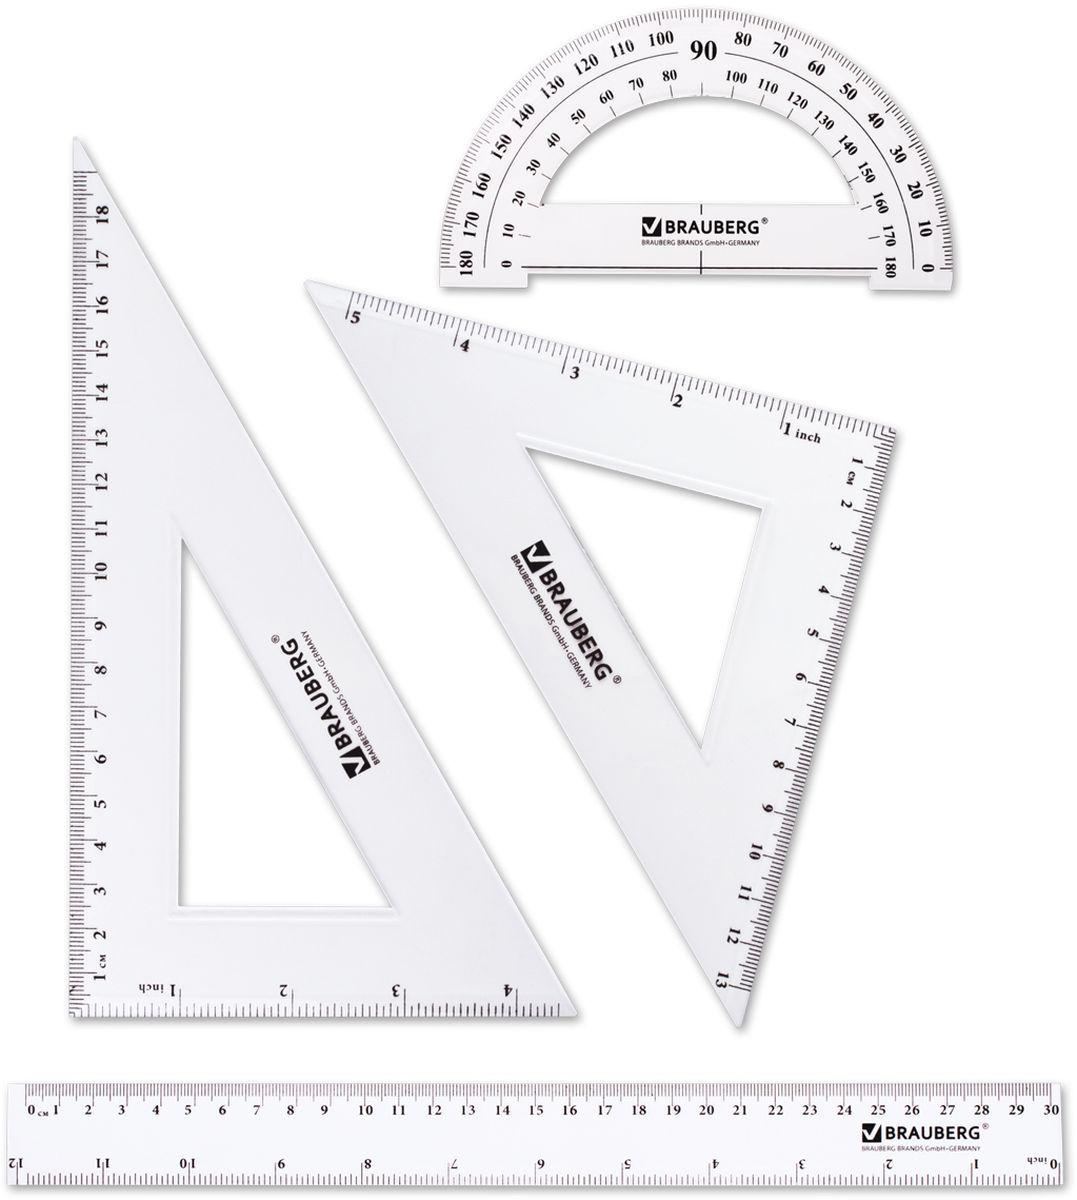 Brauberg Набор чертежный 4 предмета 210308PMM4045Набор геометрический Brauberg из прозрачного, прочного пластика толщиной 2 мм. Предназначен для чертёжных работ.Набор включает в себя четыре предмета: линейка со шкалами 30 см/12, треугольник с углами 30°/60° и шкалами 19 см/4, треугольник с углами 45°/45° и шкалами 13 см/5, транспортир 180°.